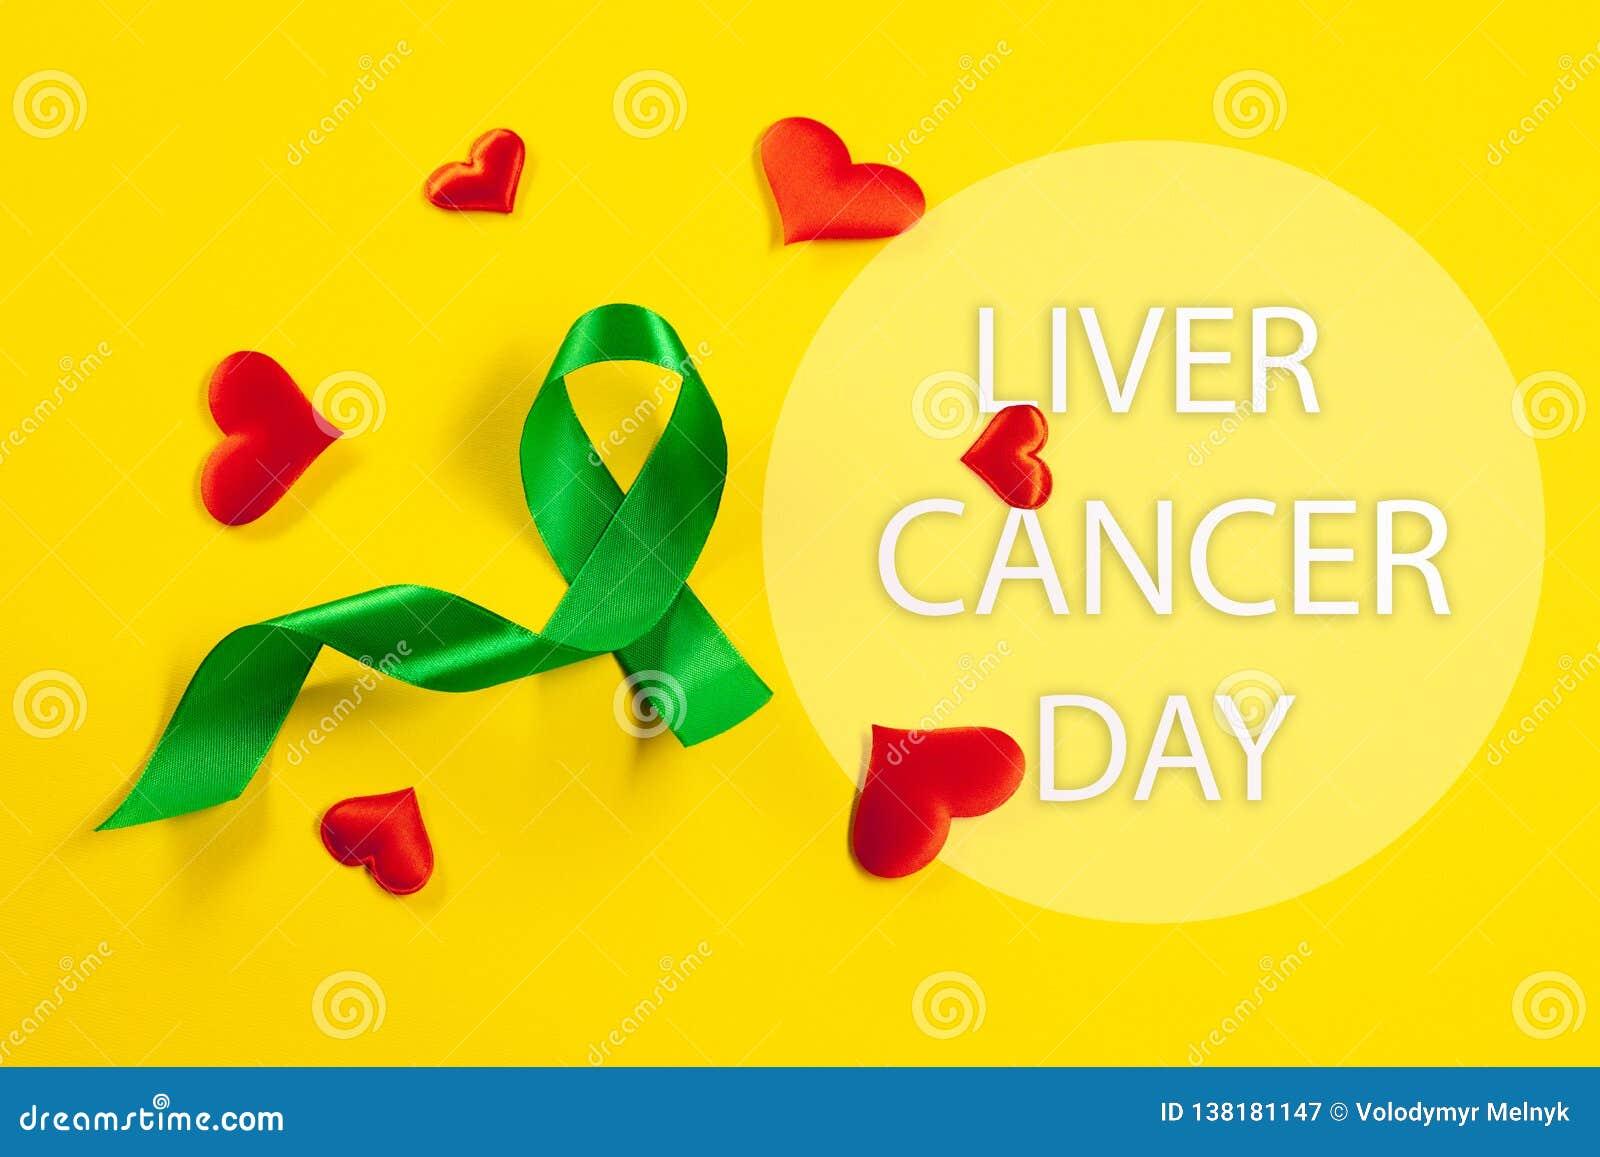 Cáncer de hígado y hepatitis B - cinta del mes de la conciencia de HVB, cinta de Emerald Green o del jade